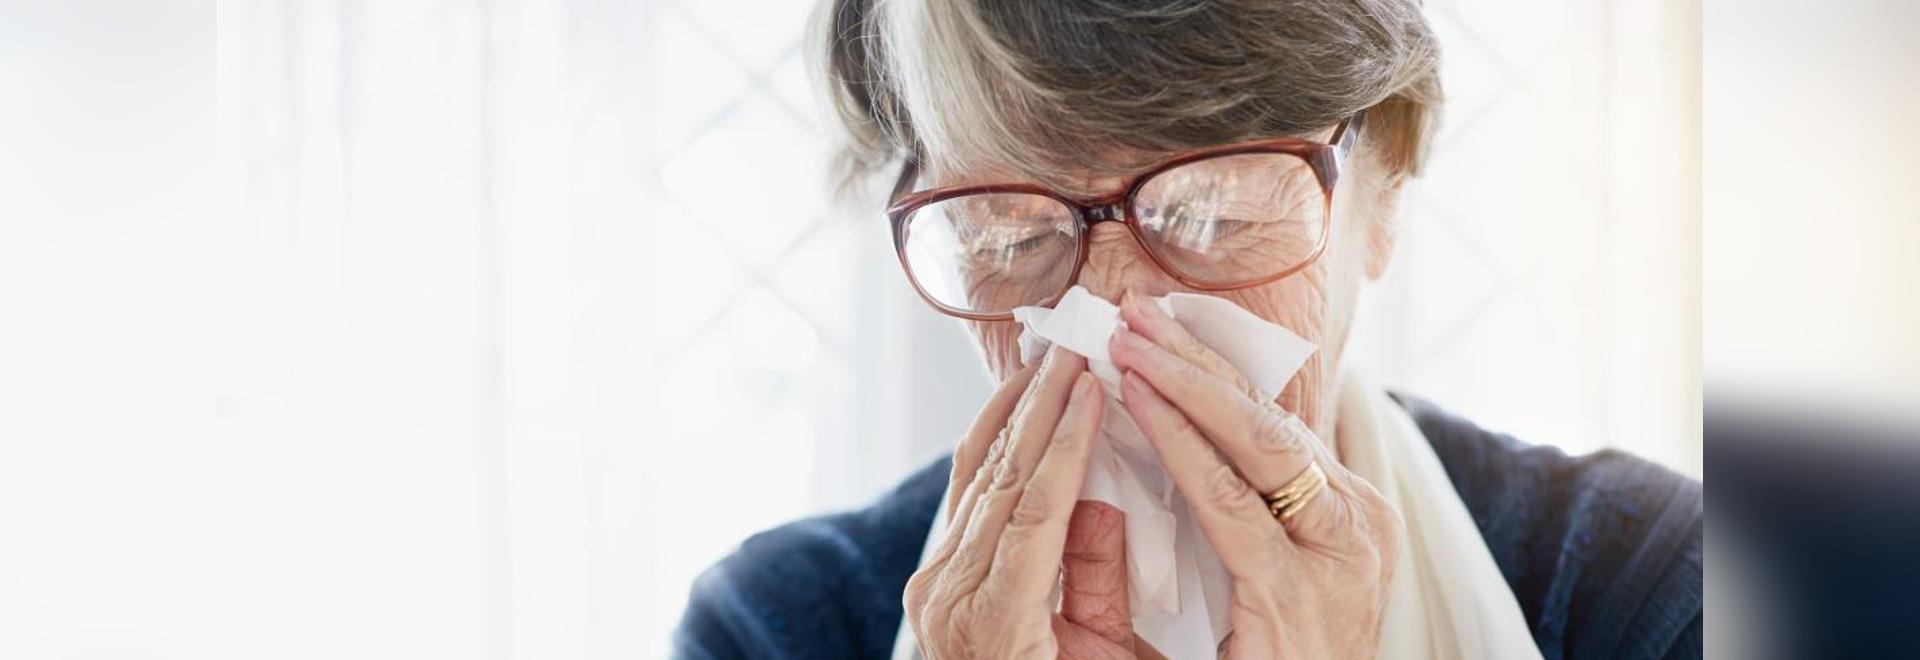 La malattia simil-influenzale solleva il rischio di colpo